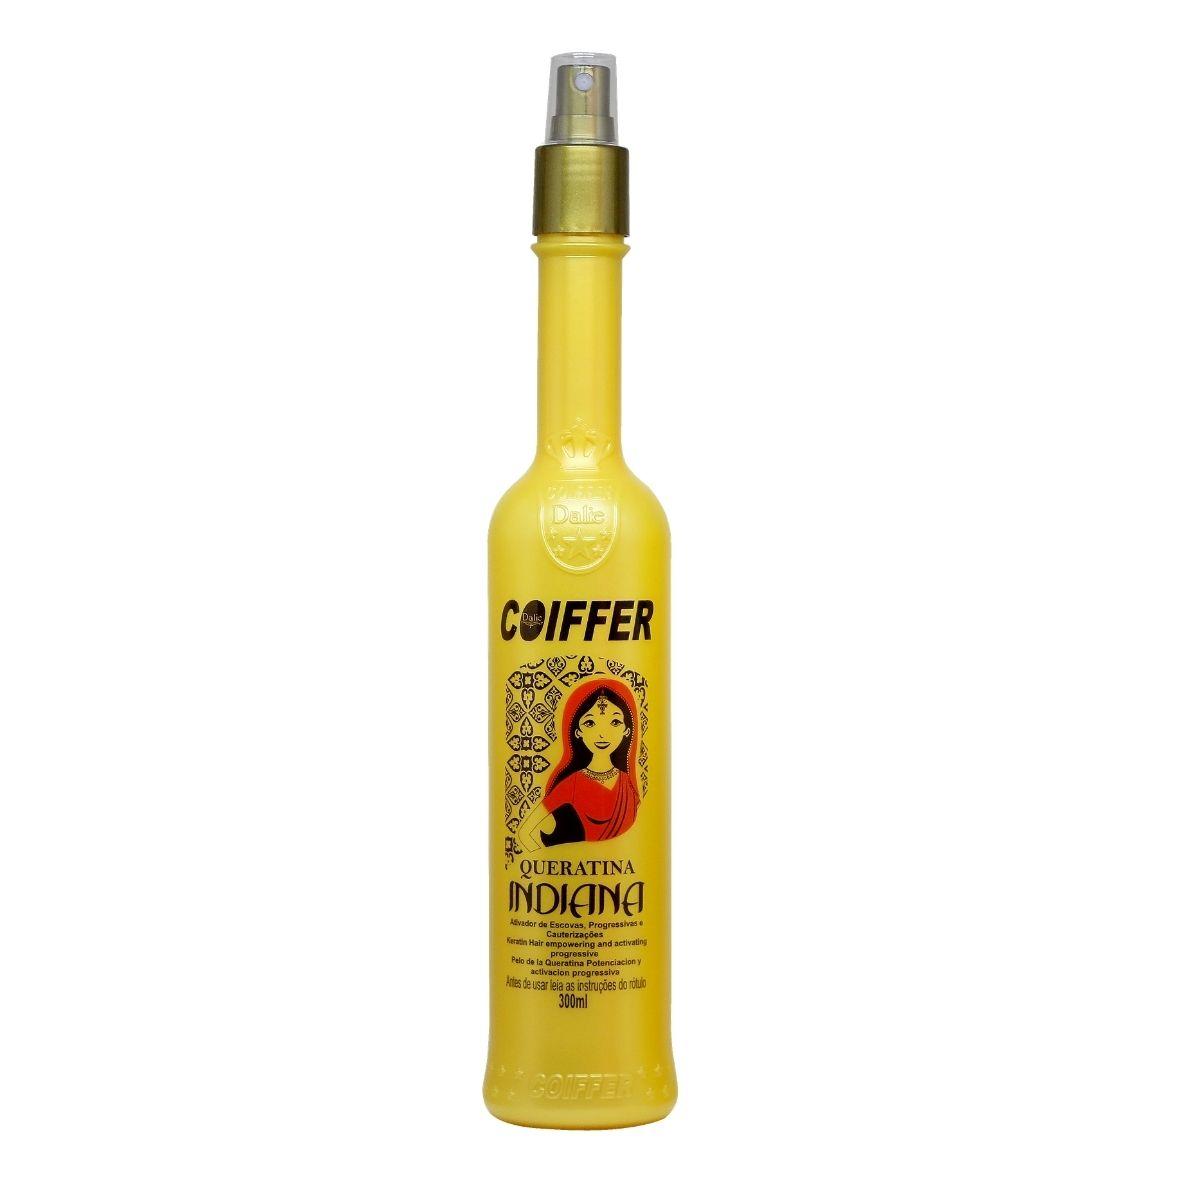 Queratina Capilar Indiana Coiffer 300ml